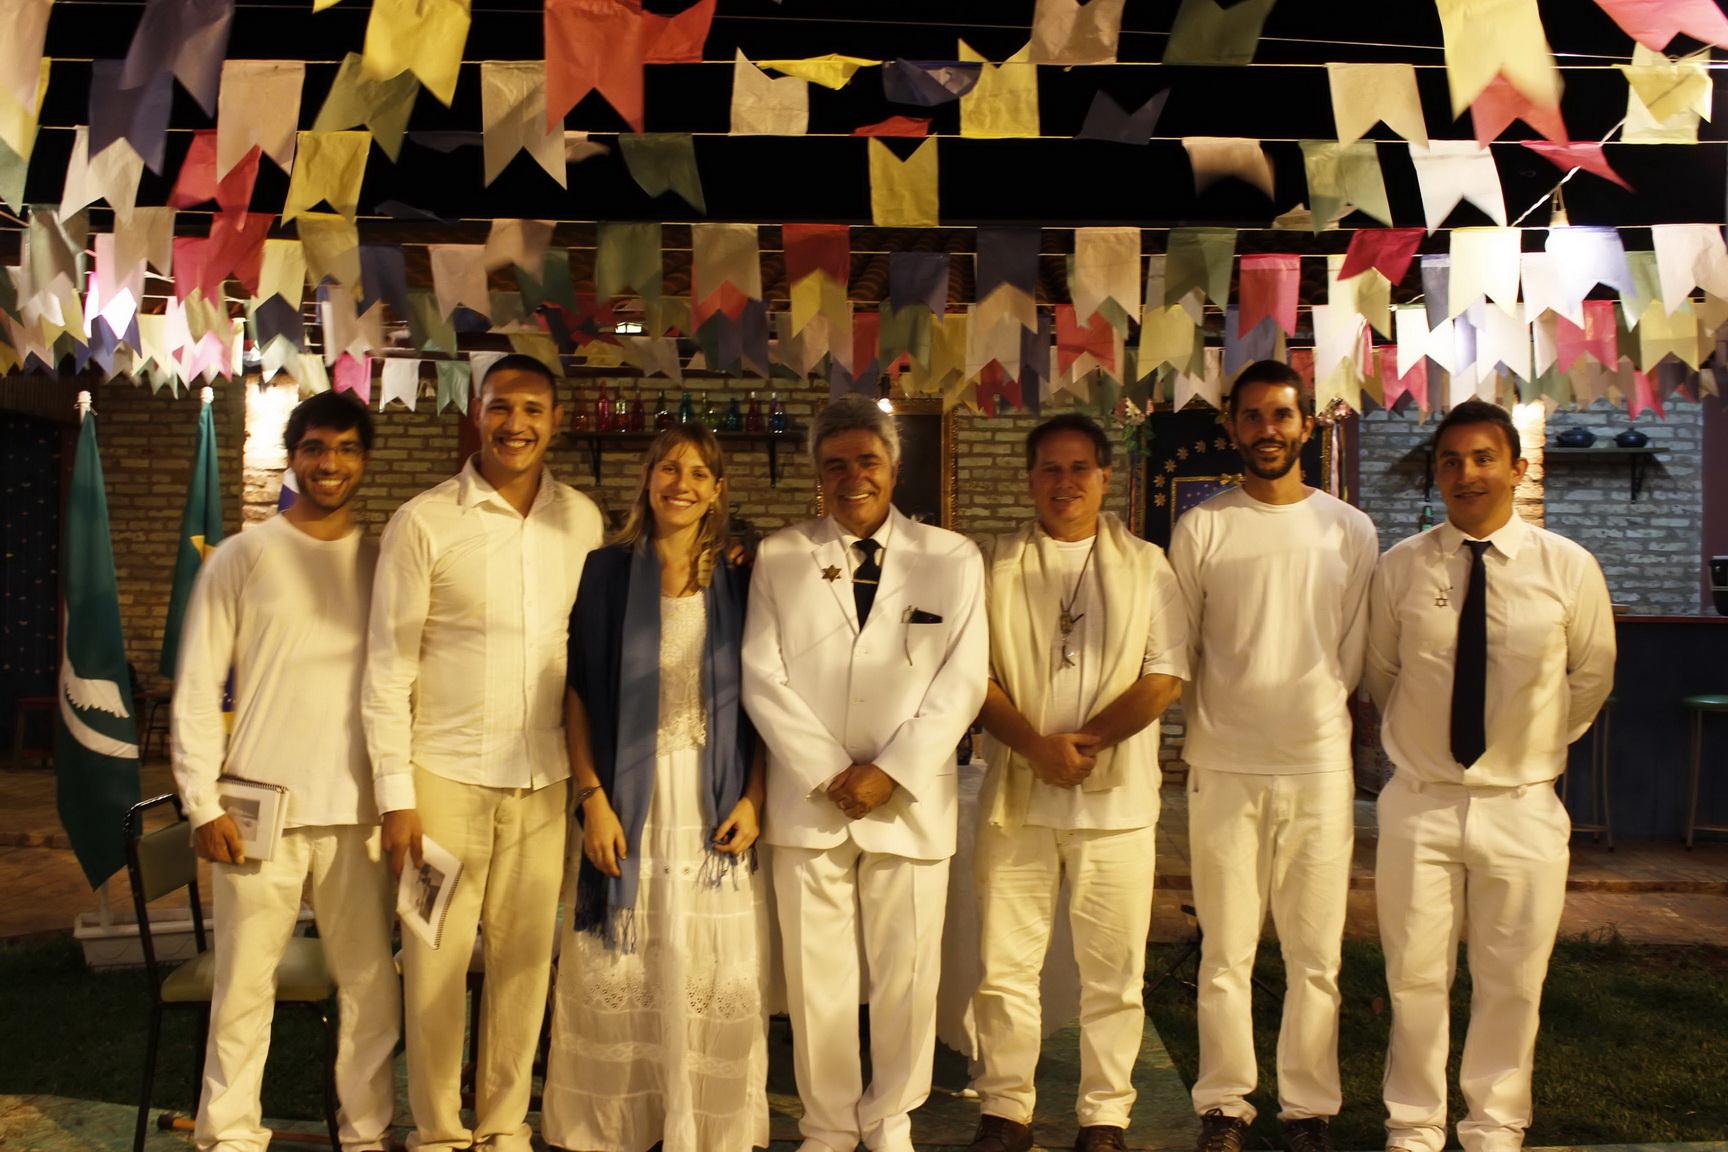 Festejos_de_São_João_2015_-_foto_Camila_Benez_-_26.jpg